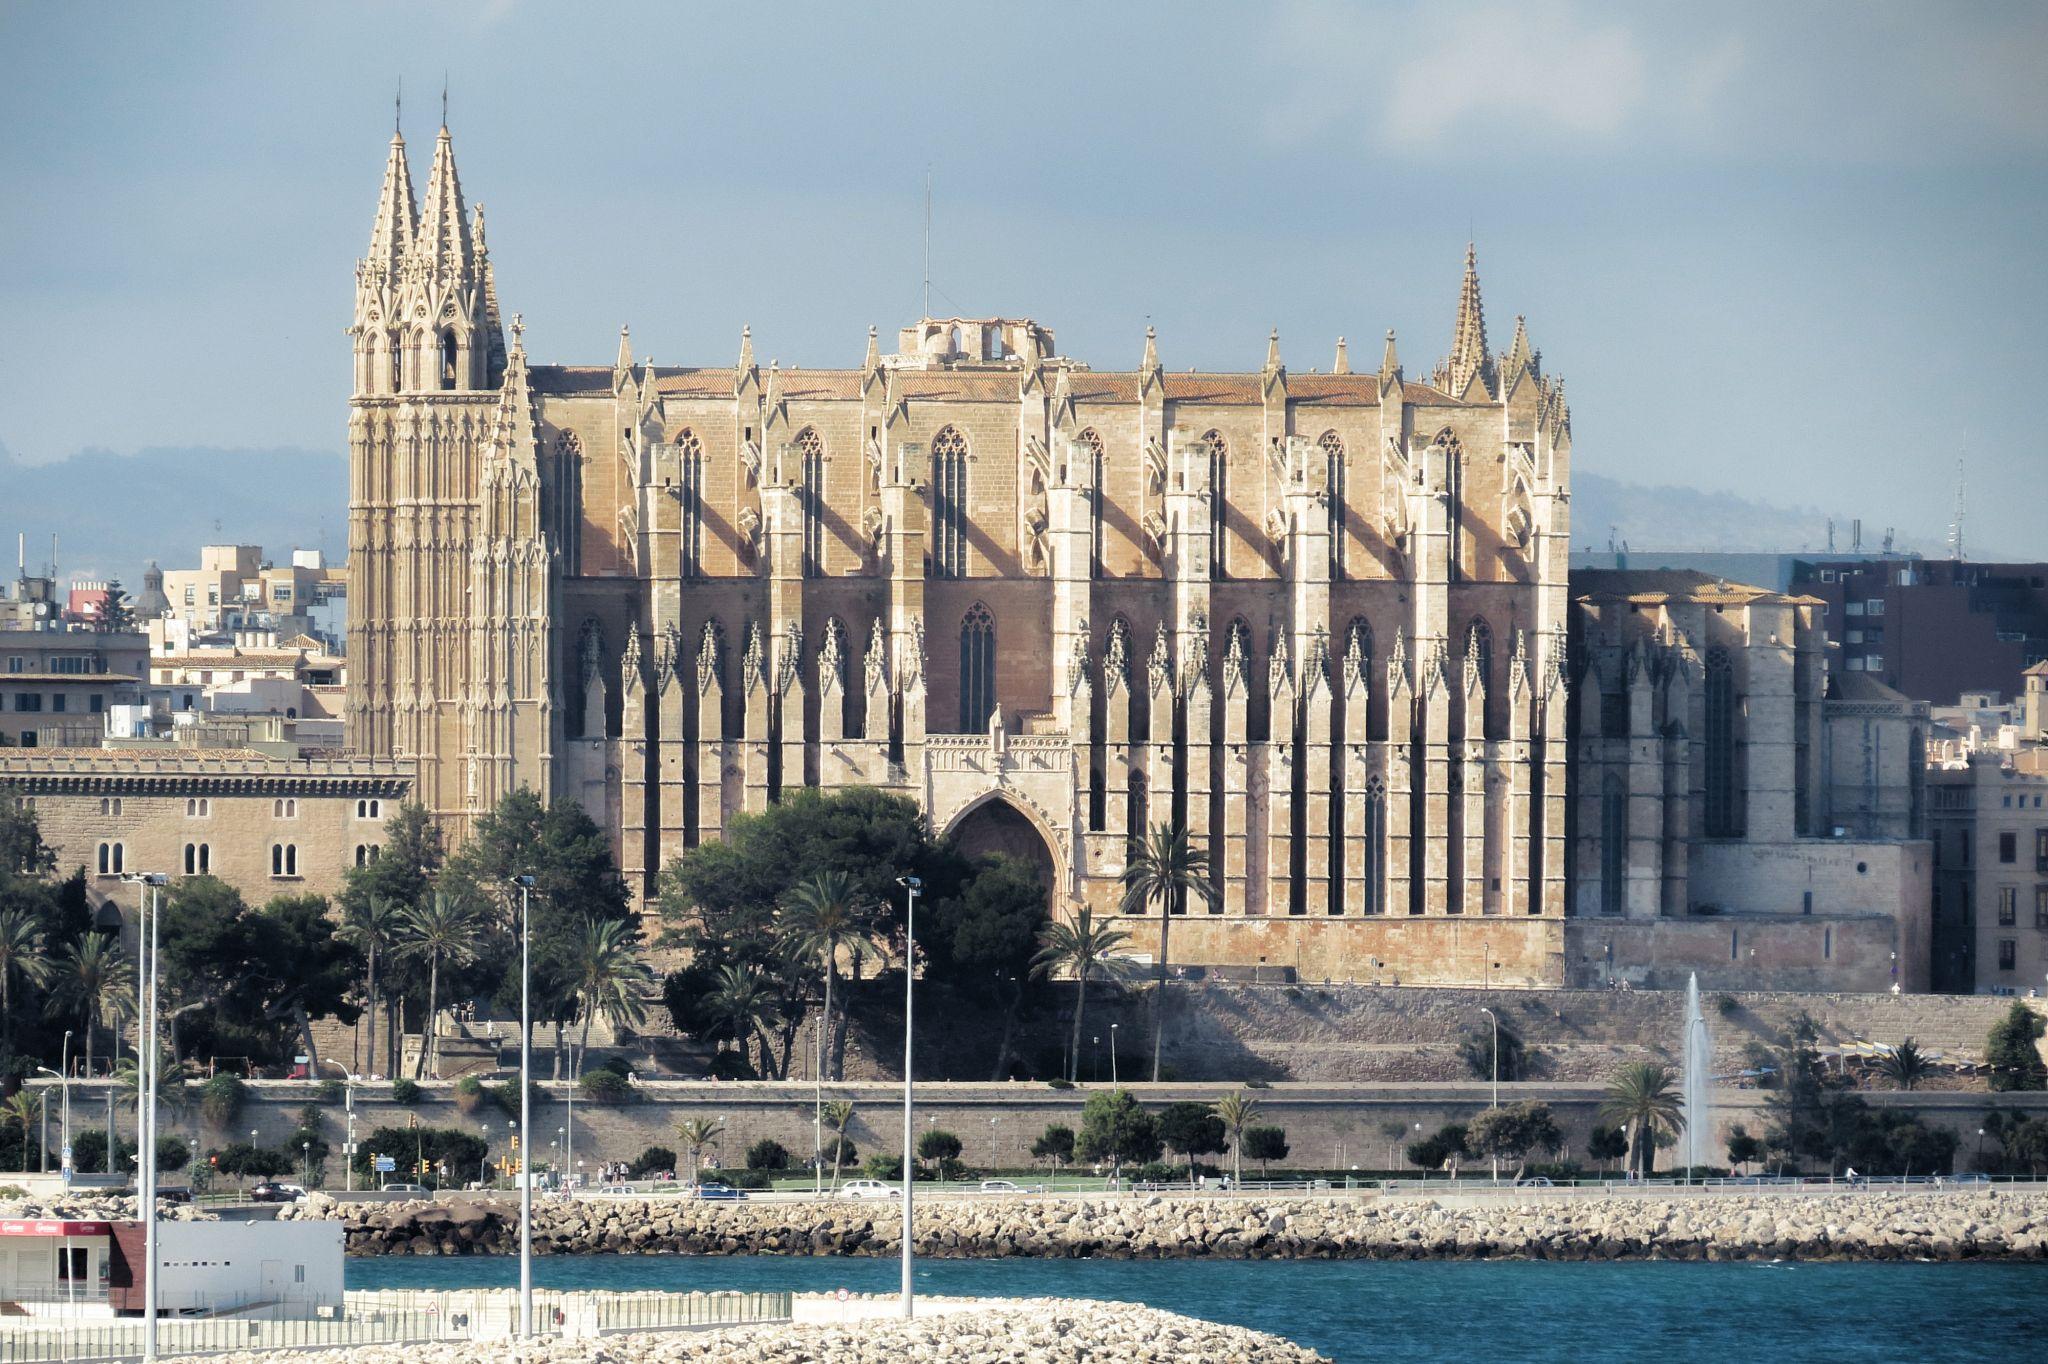 Le Seu Cathedral, Palma de Mallorca, Spain